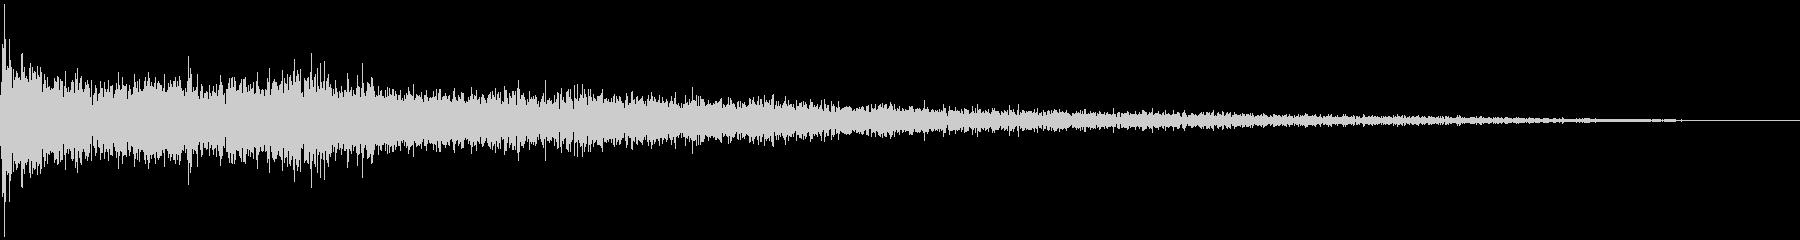 【映画】SFX_19 破壊 ガガガッッの未再生の波形